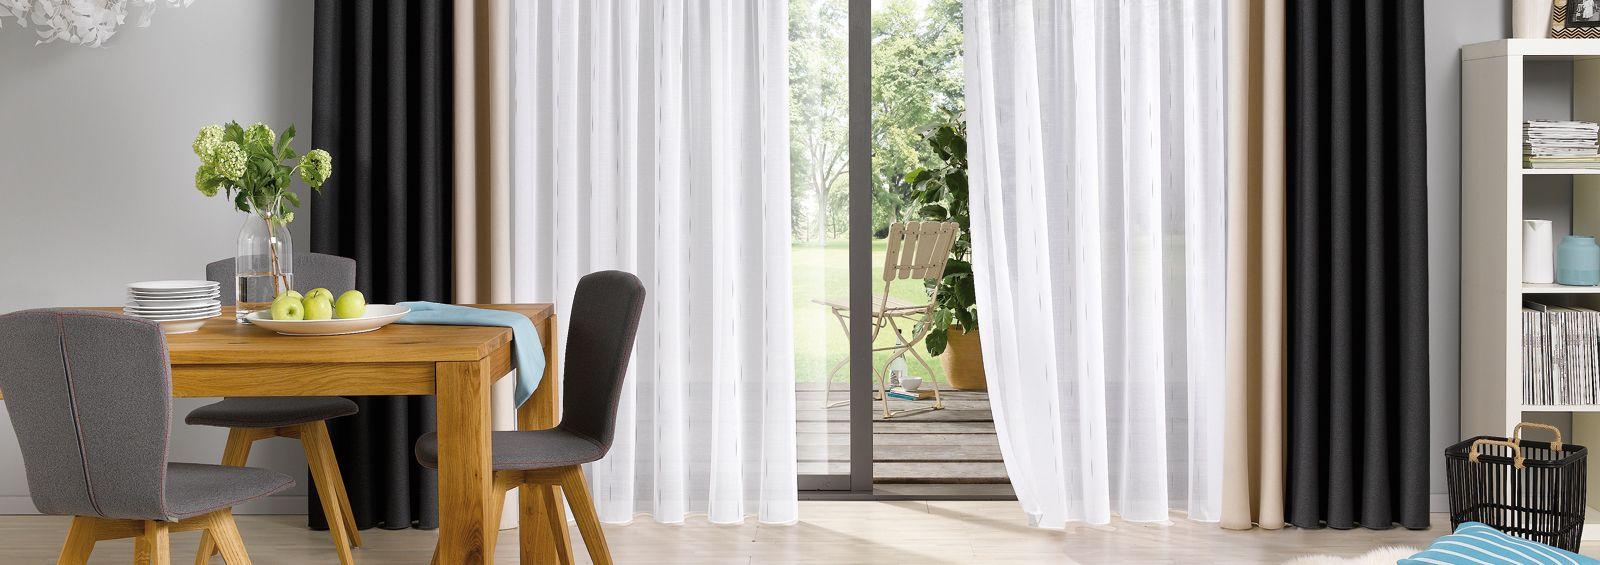 Full Size of Gardinen Doppelfenster Wohnzimmer Fenster Für Küche Die Scheibengardinen Schlafzimmer Wohnzimmer Gardinen Doppelfenster